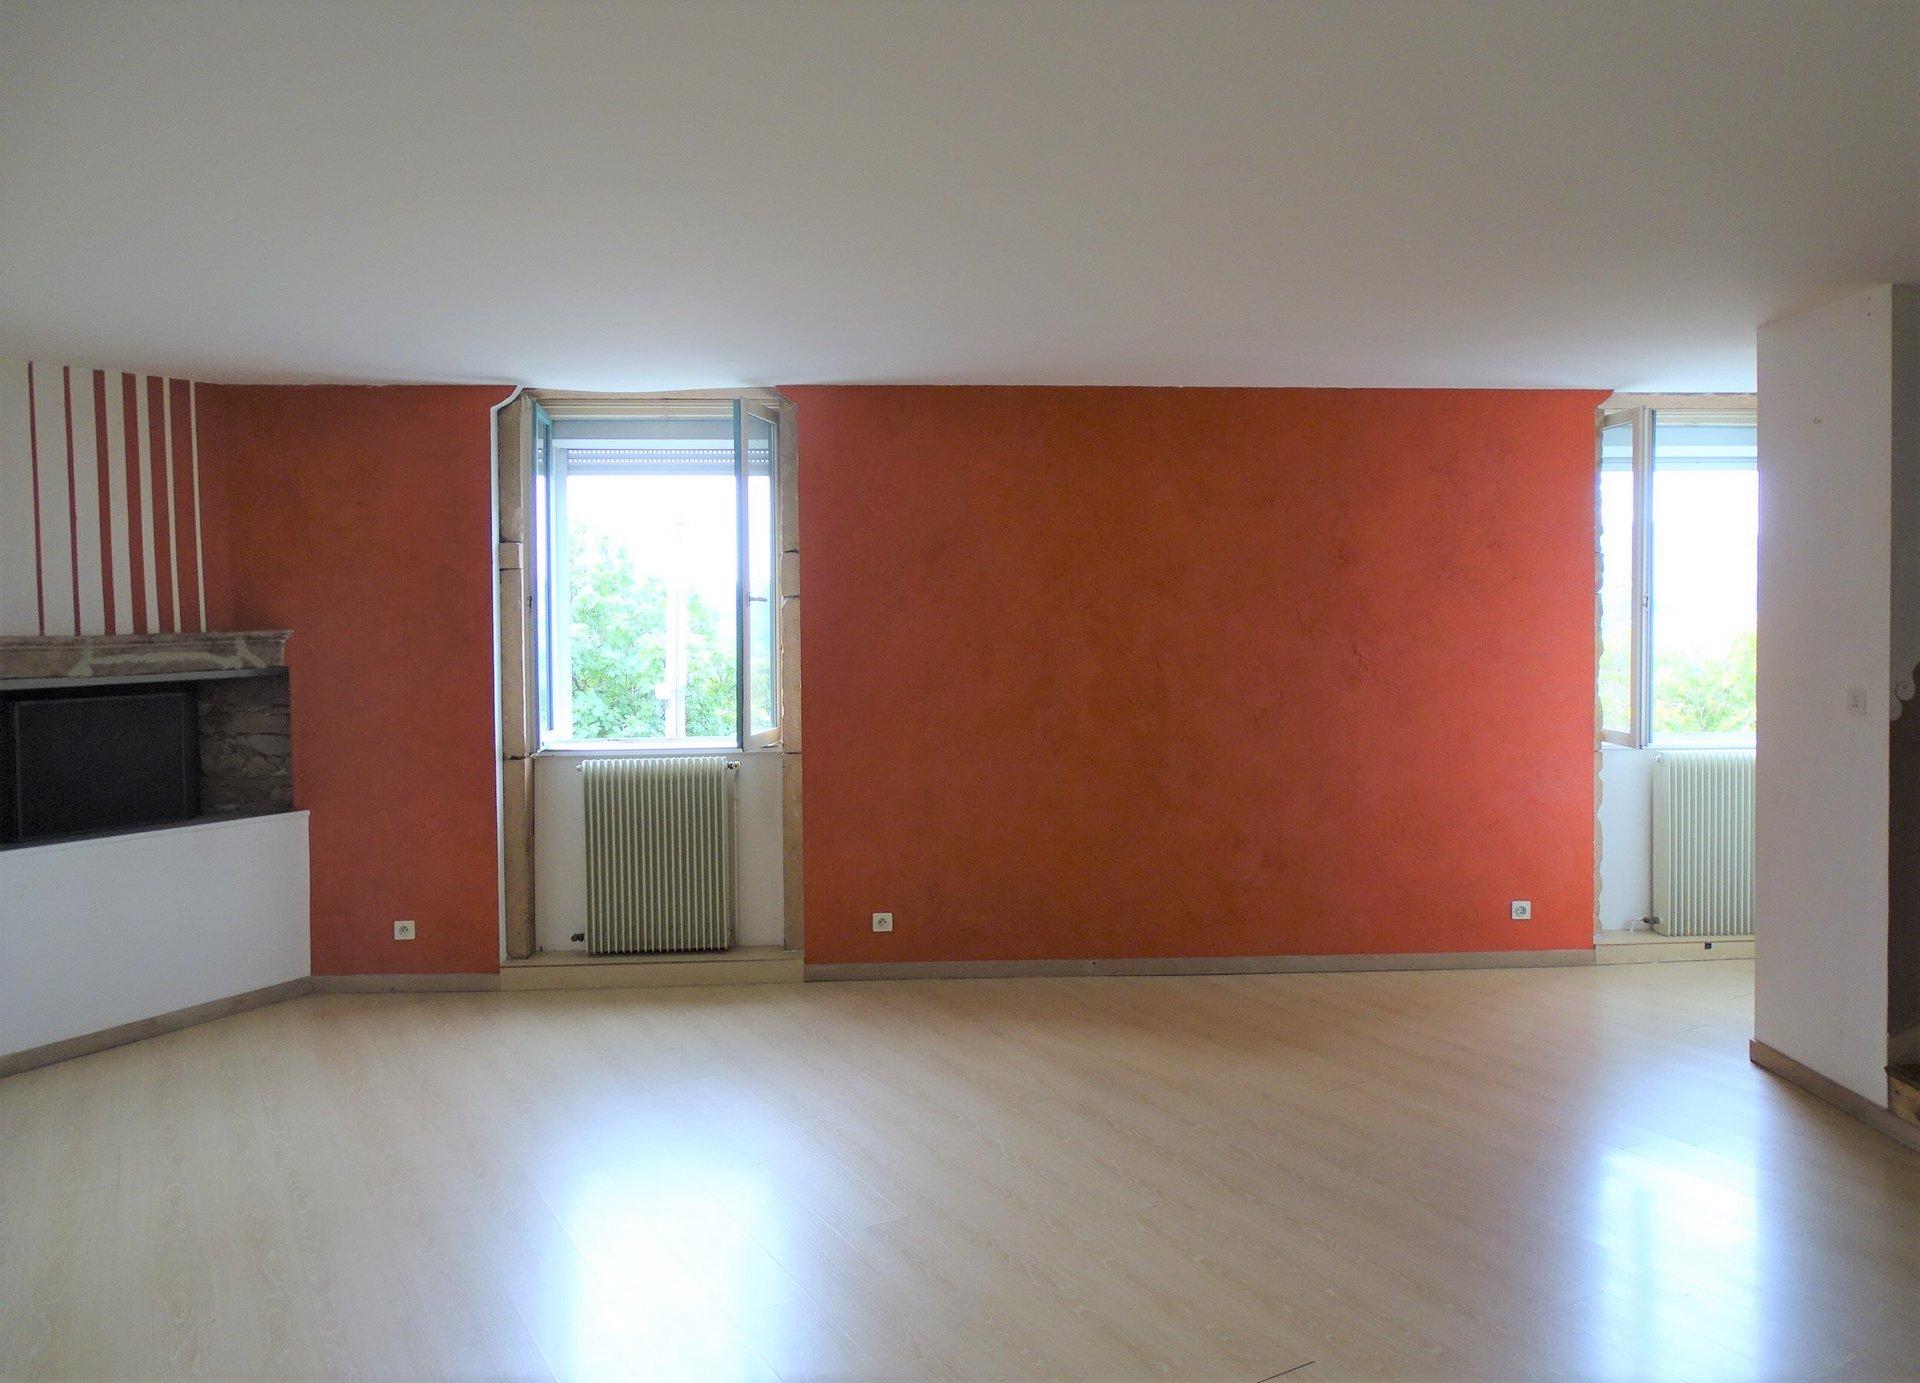 SOUS COMPROMIS DE VENTE Aux portes de Charnay les Mâcon (5mn du centre), maison de ville de 90 m² en bon état général.  Elle dispose d'un espace cuisine avec cellier, d'une pièce à vivre avec très belle vue sur les monts du mâconnais et d'une suite de 30 m² avec salle de douche.  Pas de gros travaux car la rénovation de cette jolie maison date de 2009 (toiture refaite, chaudière changée, salle de douche et plomberie refaits).  Joli produit proche de toutes les commodités, idéal 1er achat ou investissement ! Honoraires à charge vendeurs !